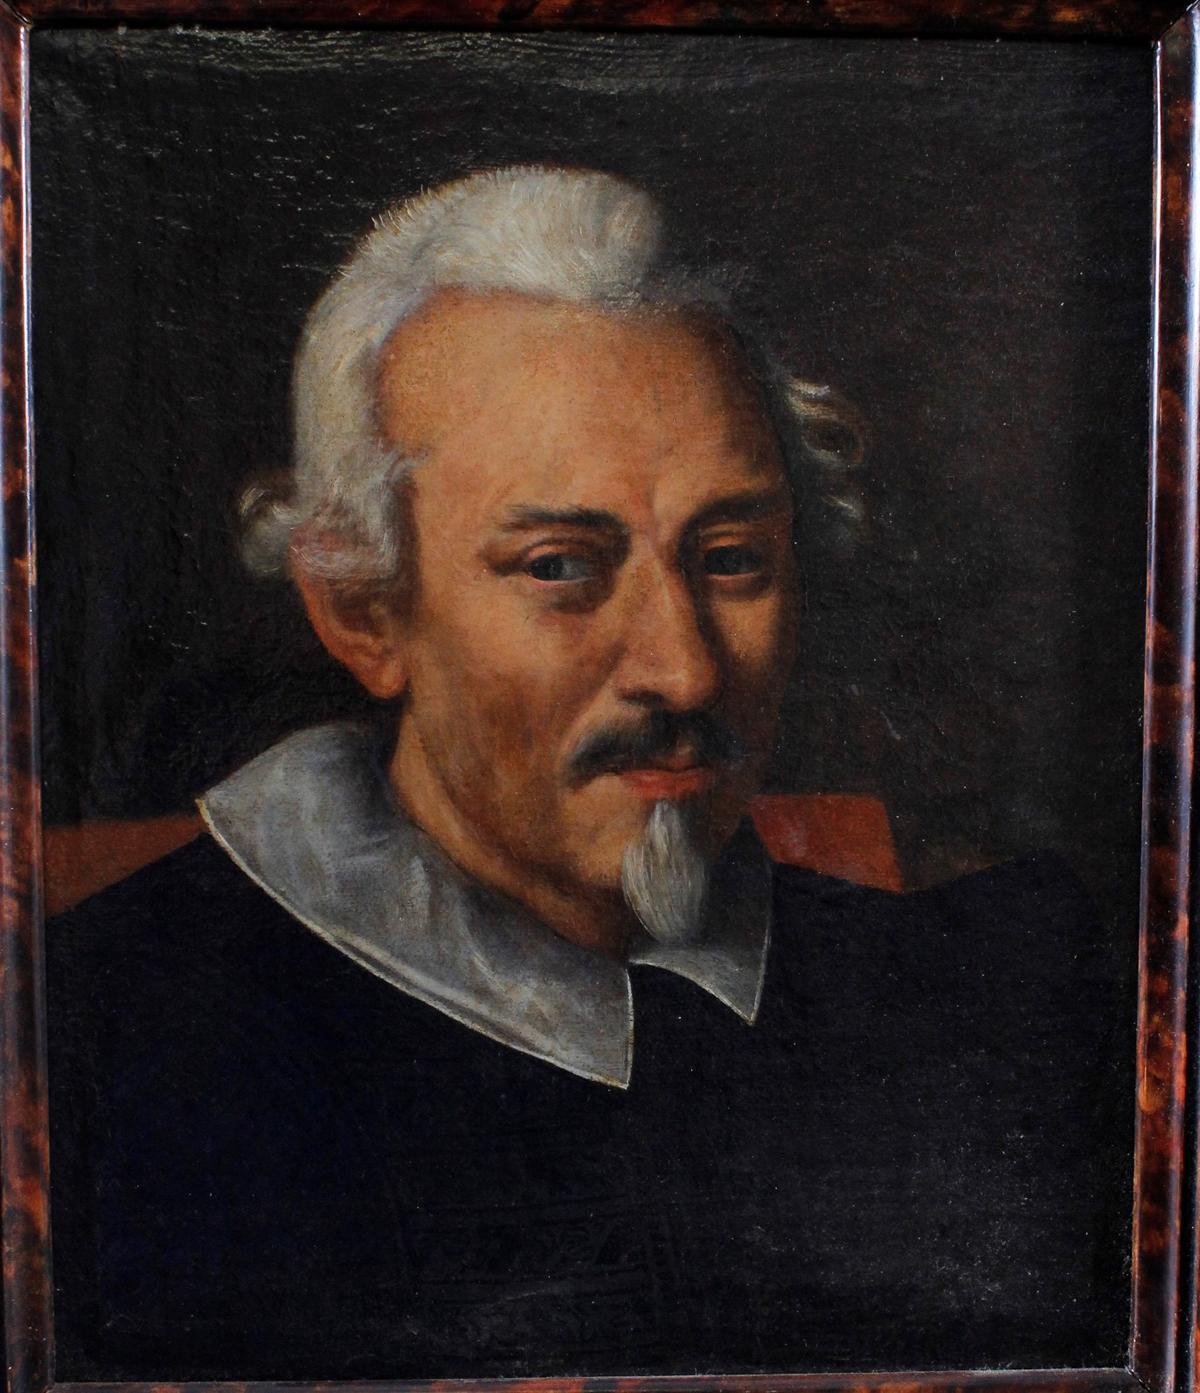 Portrait eines feinen Herren, 18. Jahrhundert, wohl flämisch-2